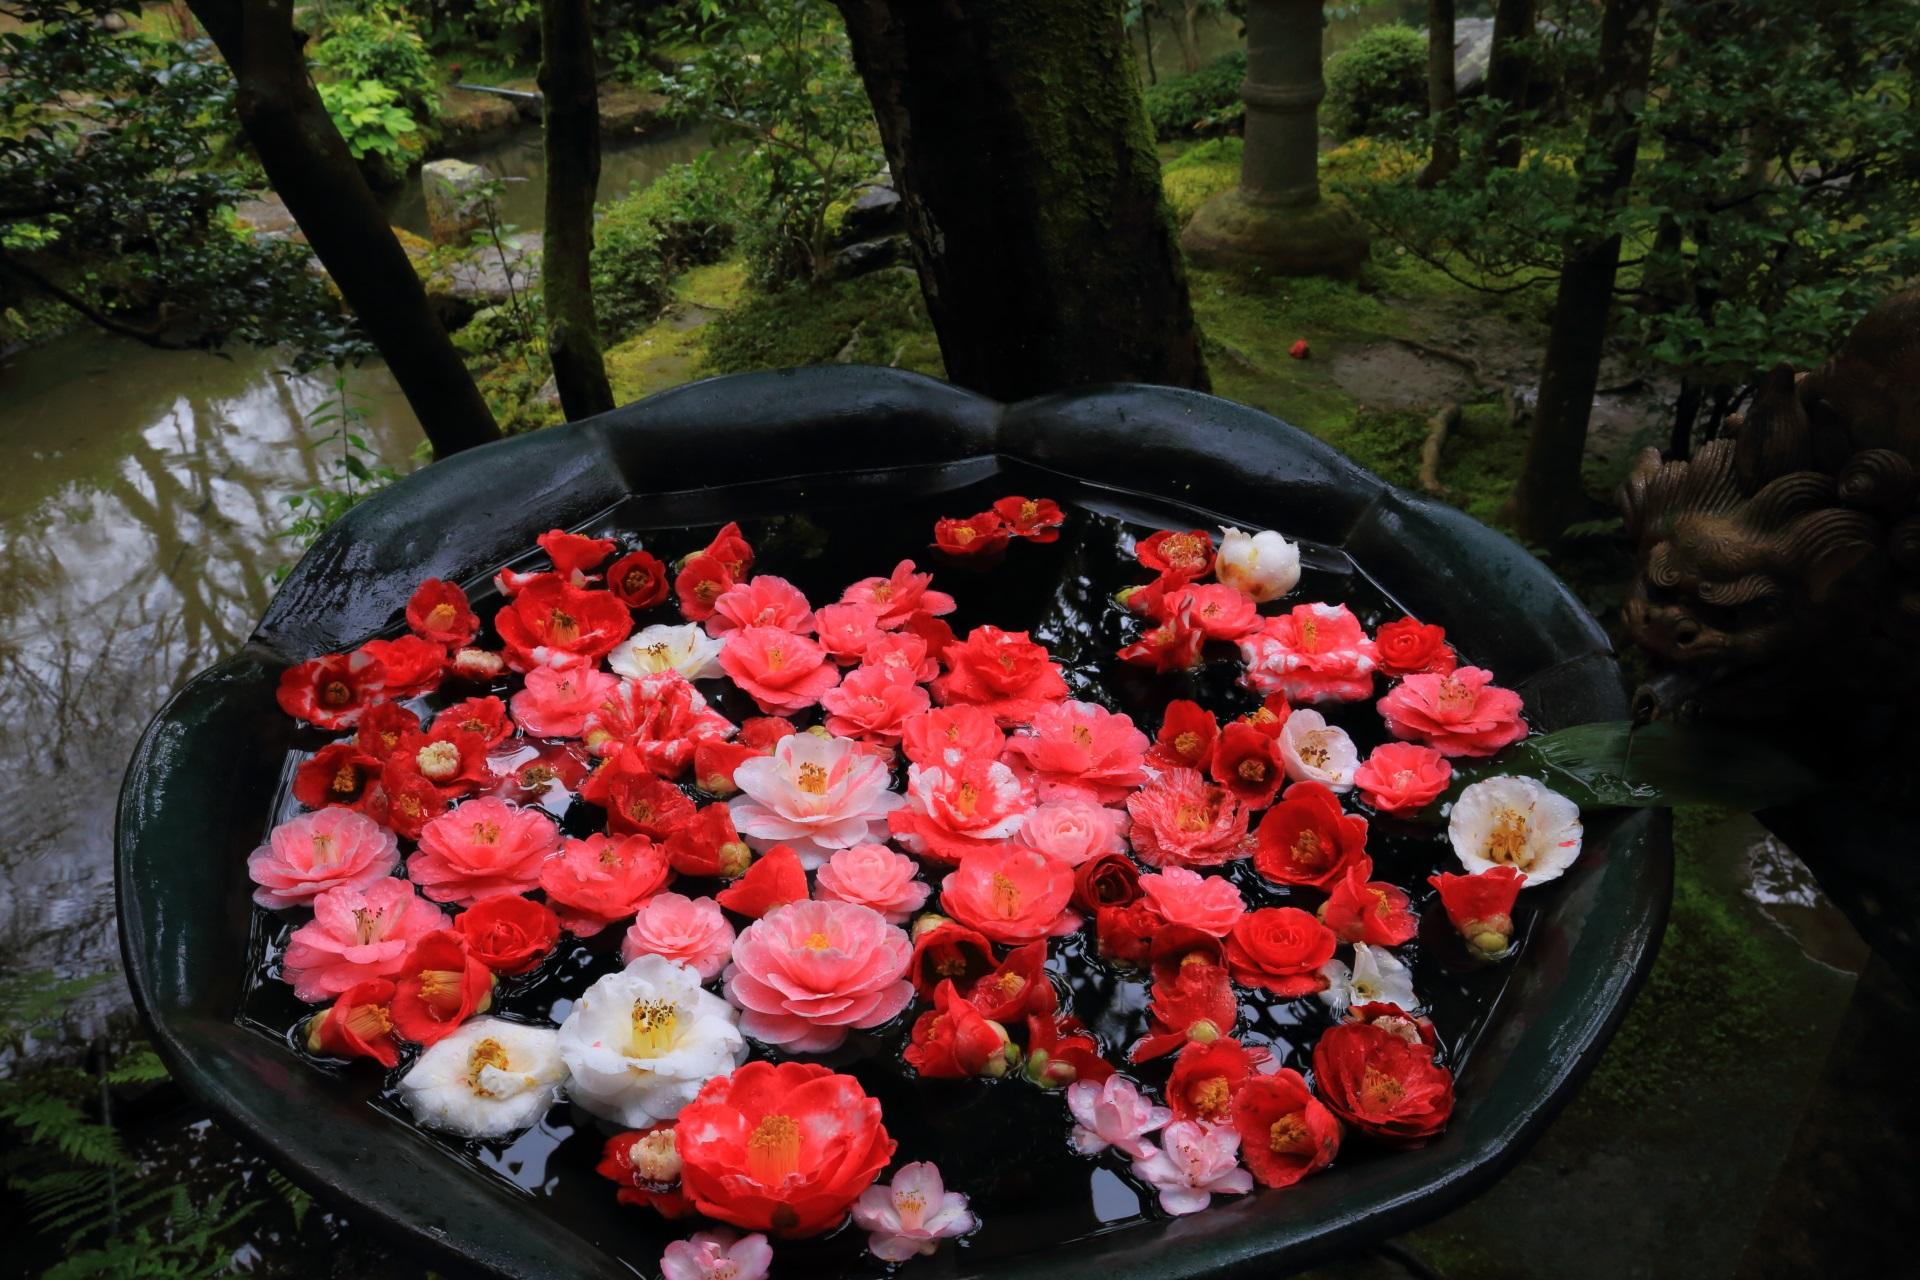 色鮮やかな椿が浮かべられた水鉢